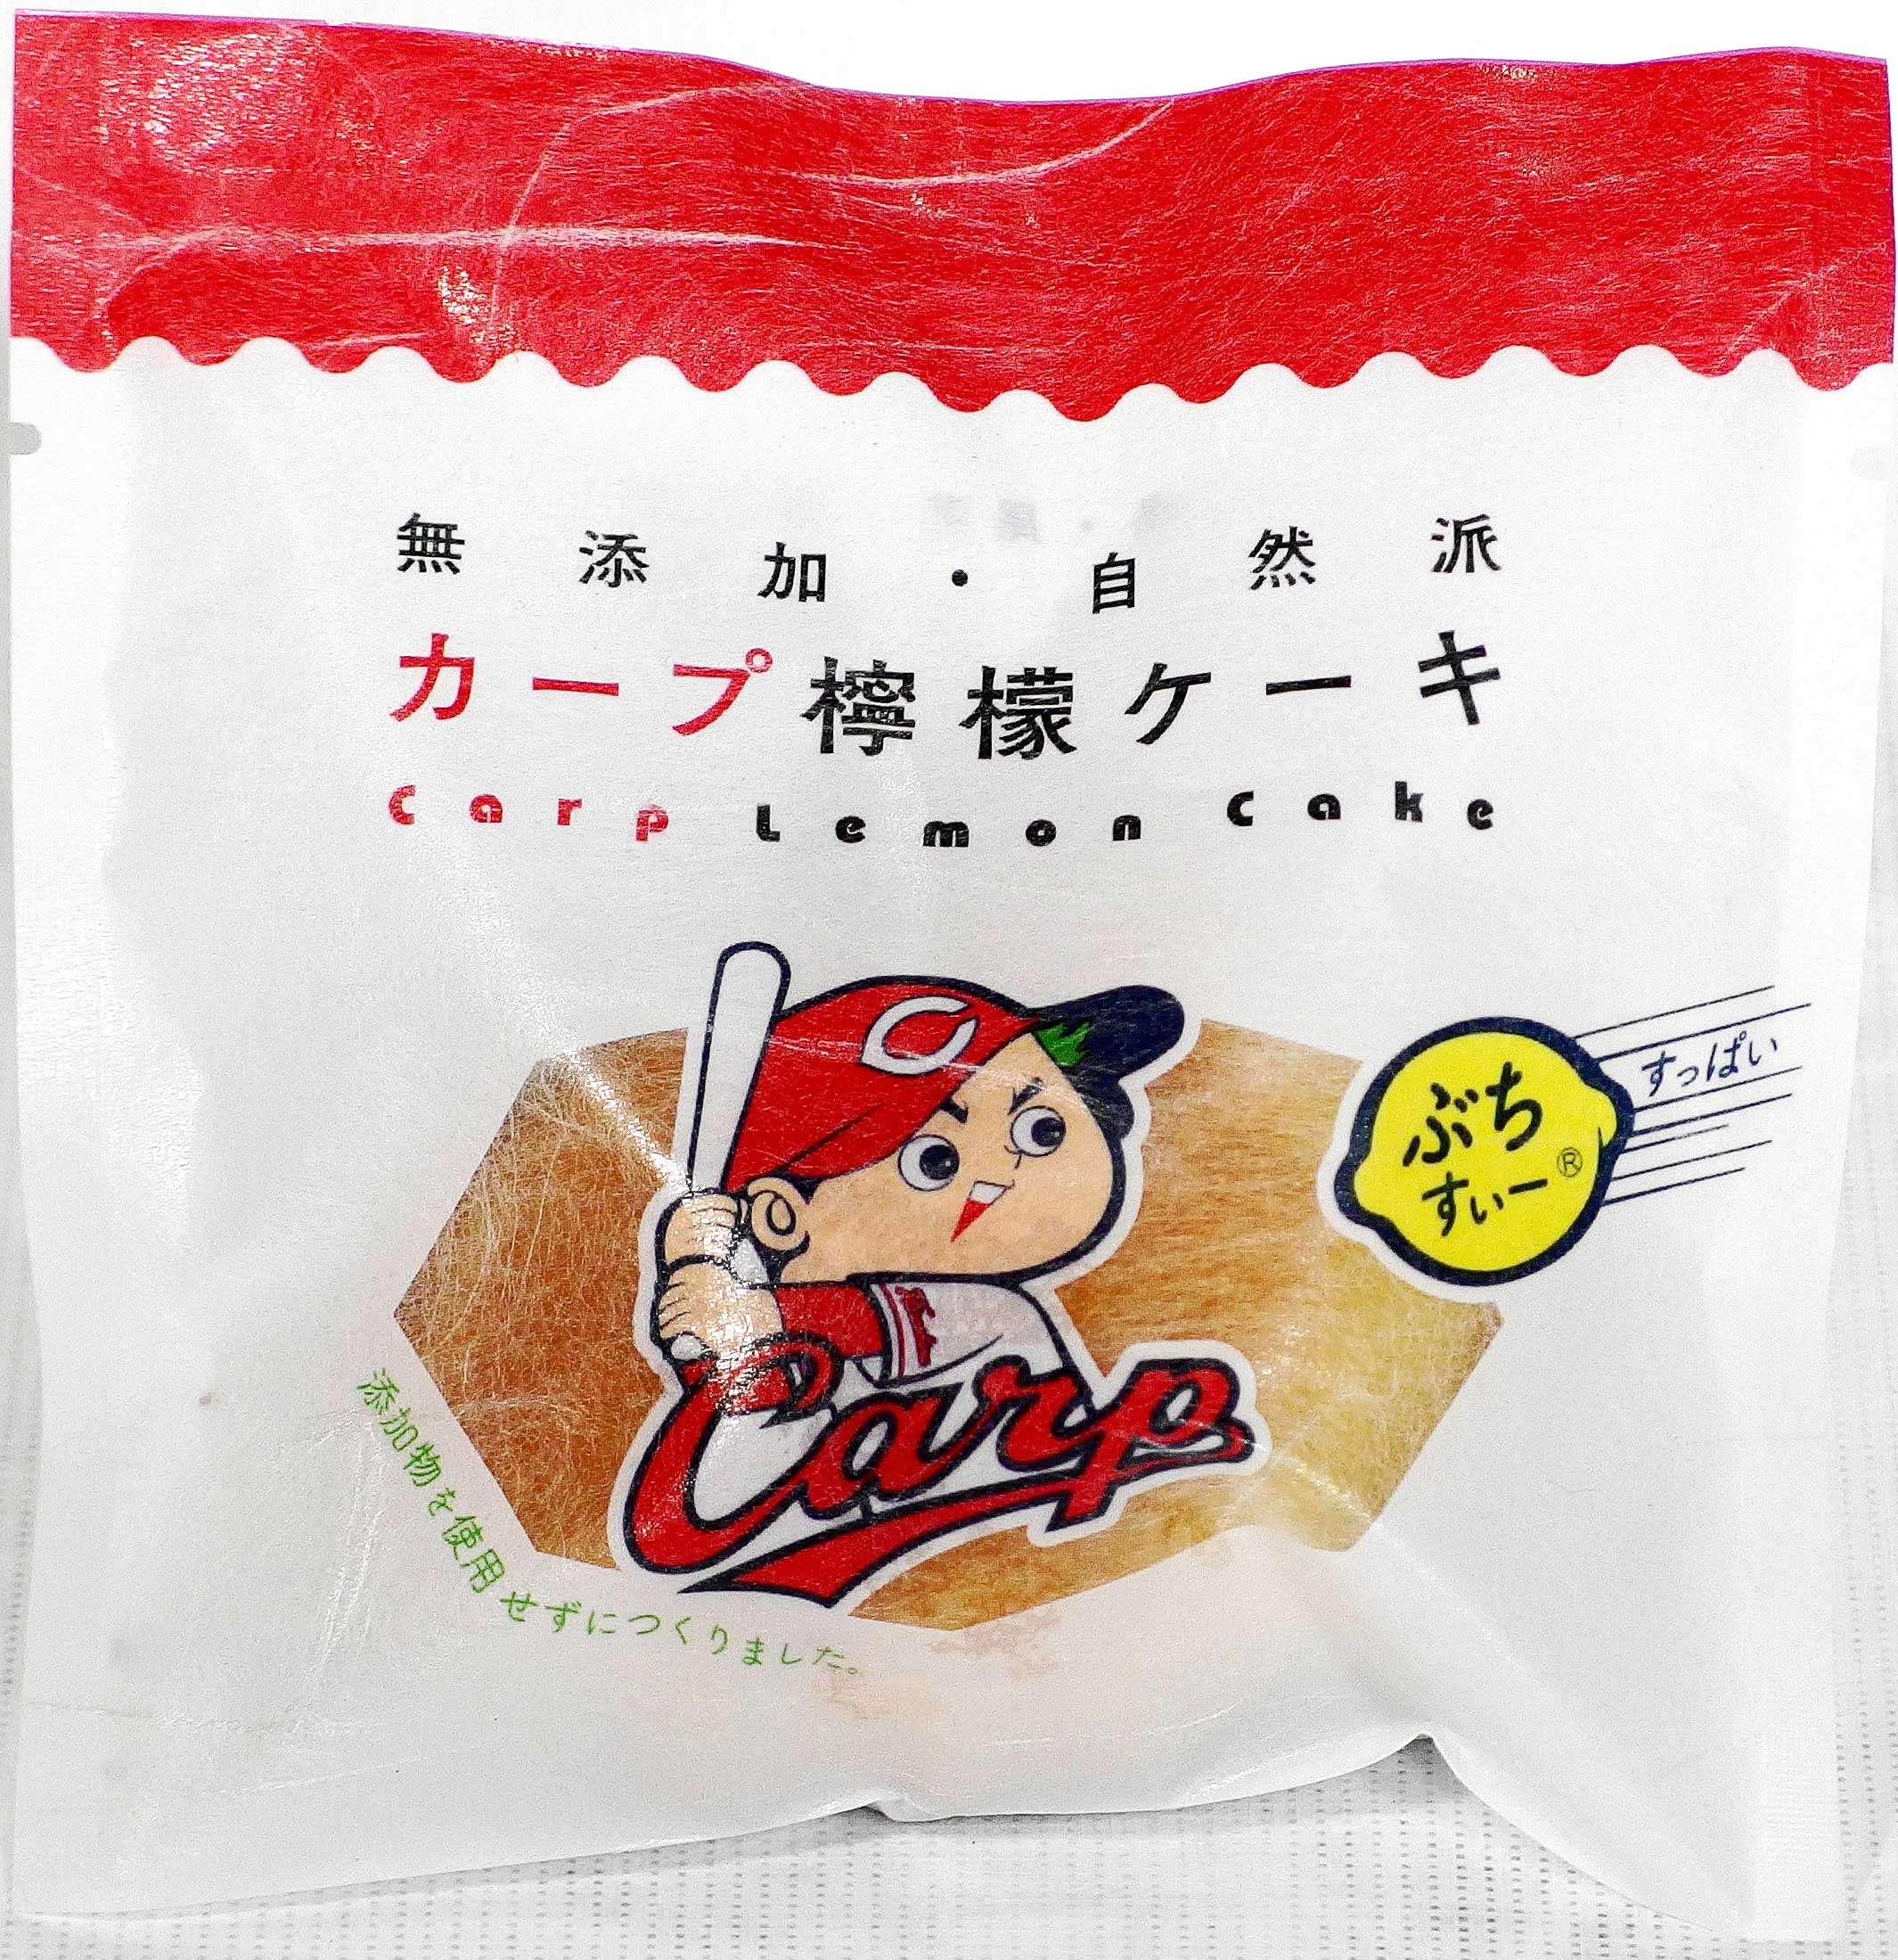 カープレモンケーキ ぶちすいー